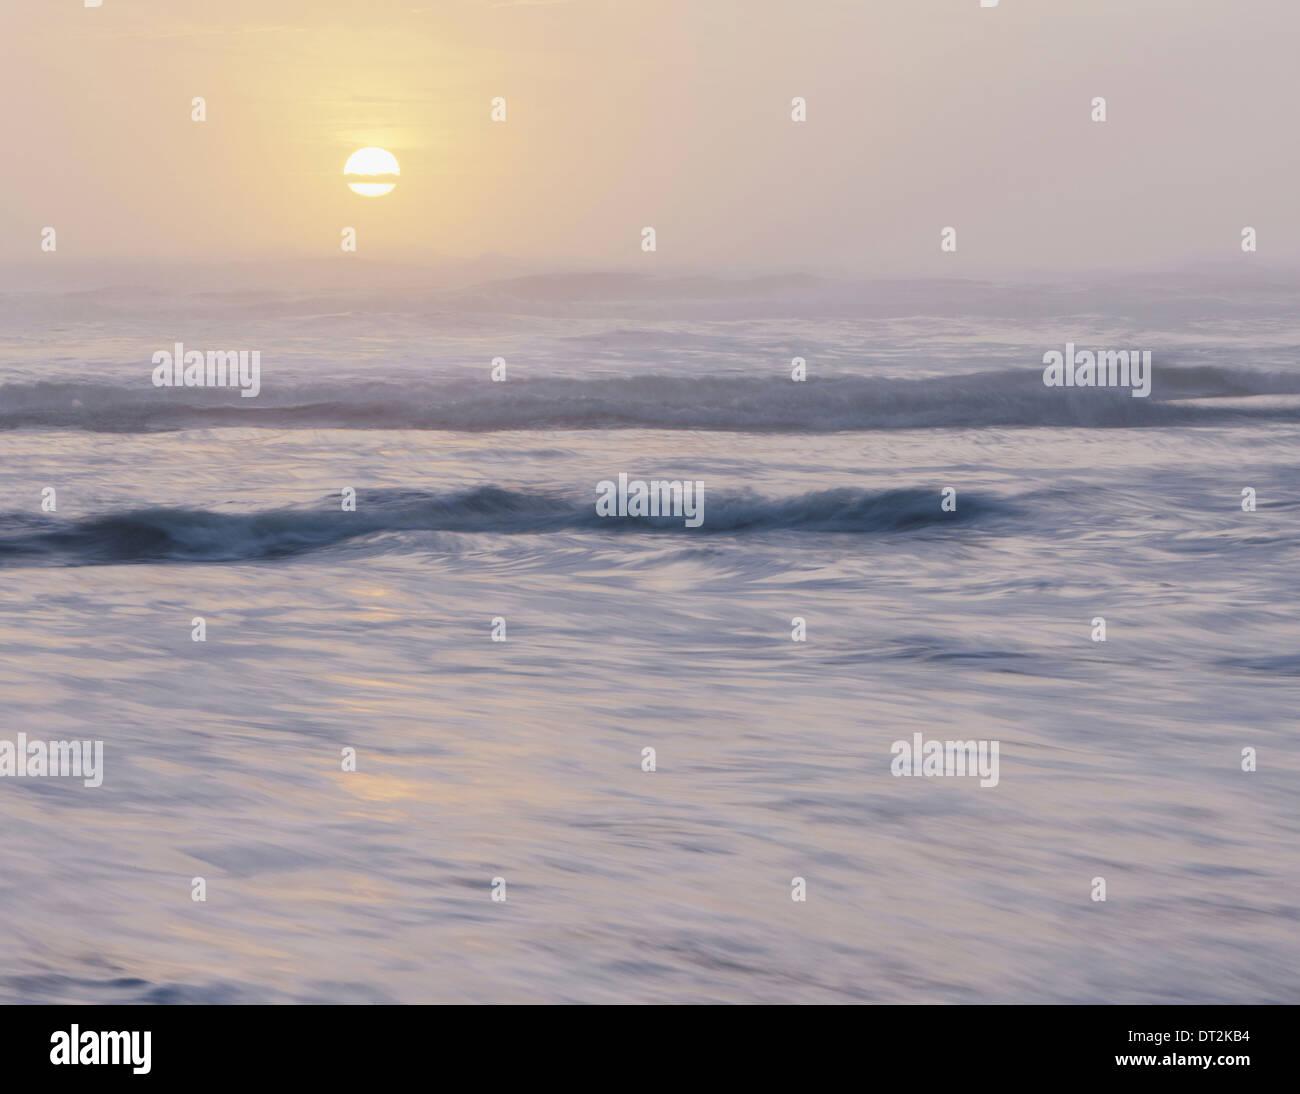 Olympic Nationalpark Anzeigen über das Meer und sanfte Dünung in den Gewässern vor der Küste Sonnenuntergang Sonne am Horizont untergeht Stockbild